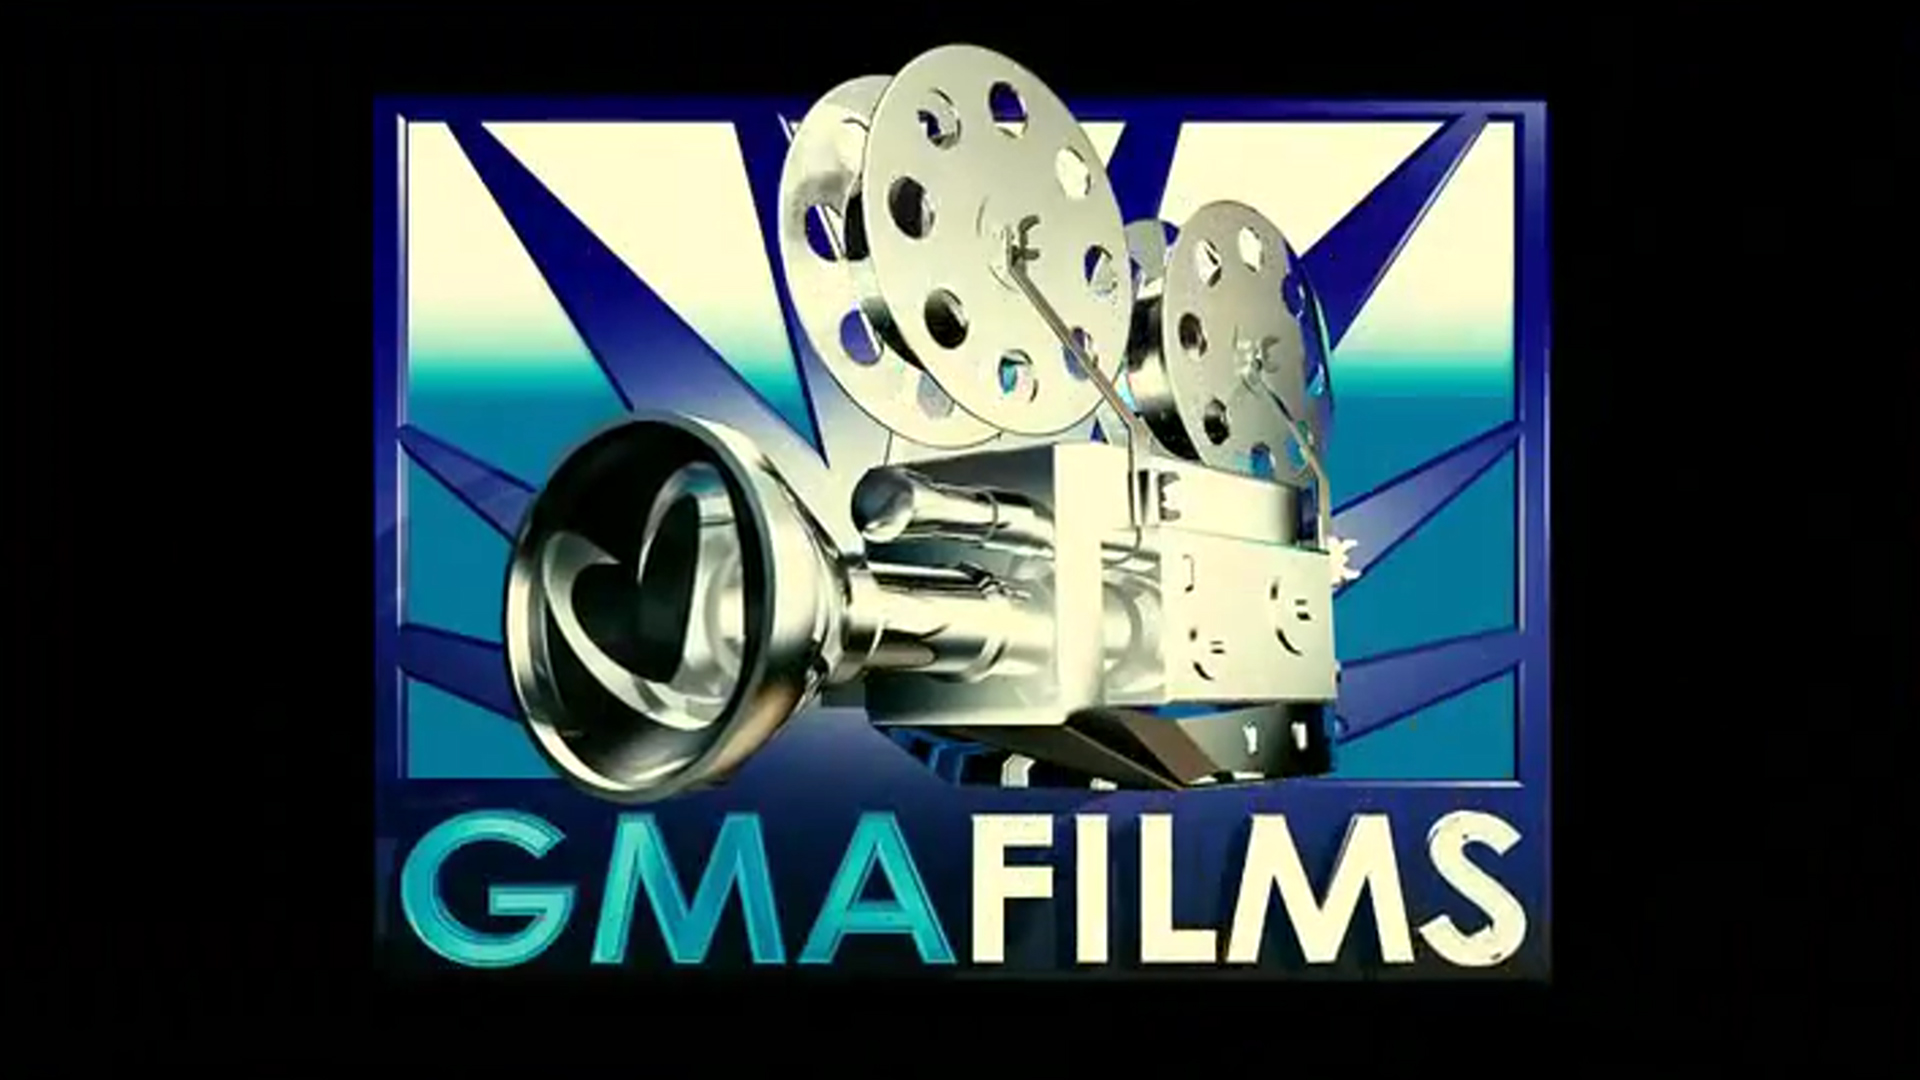 GMA Films 2002 logo